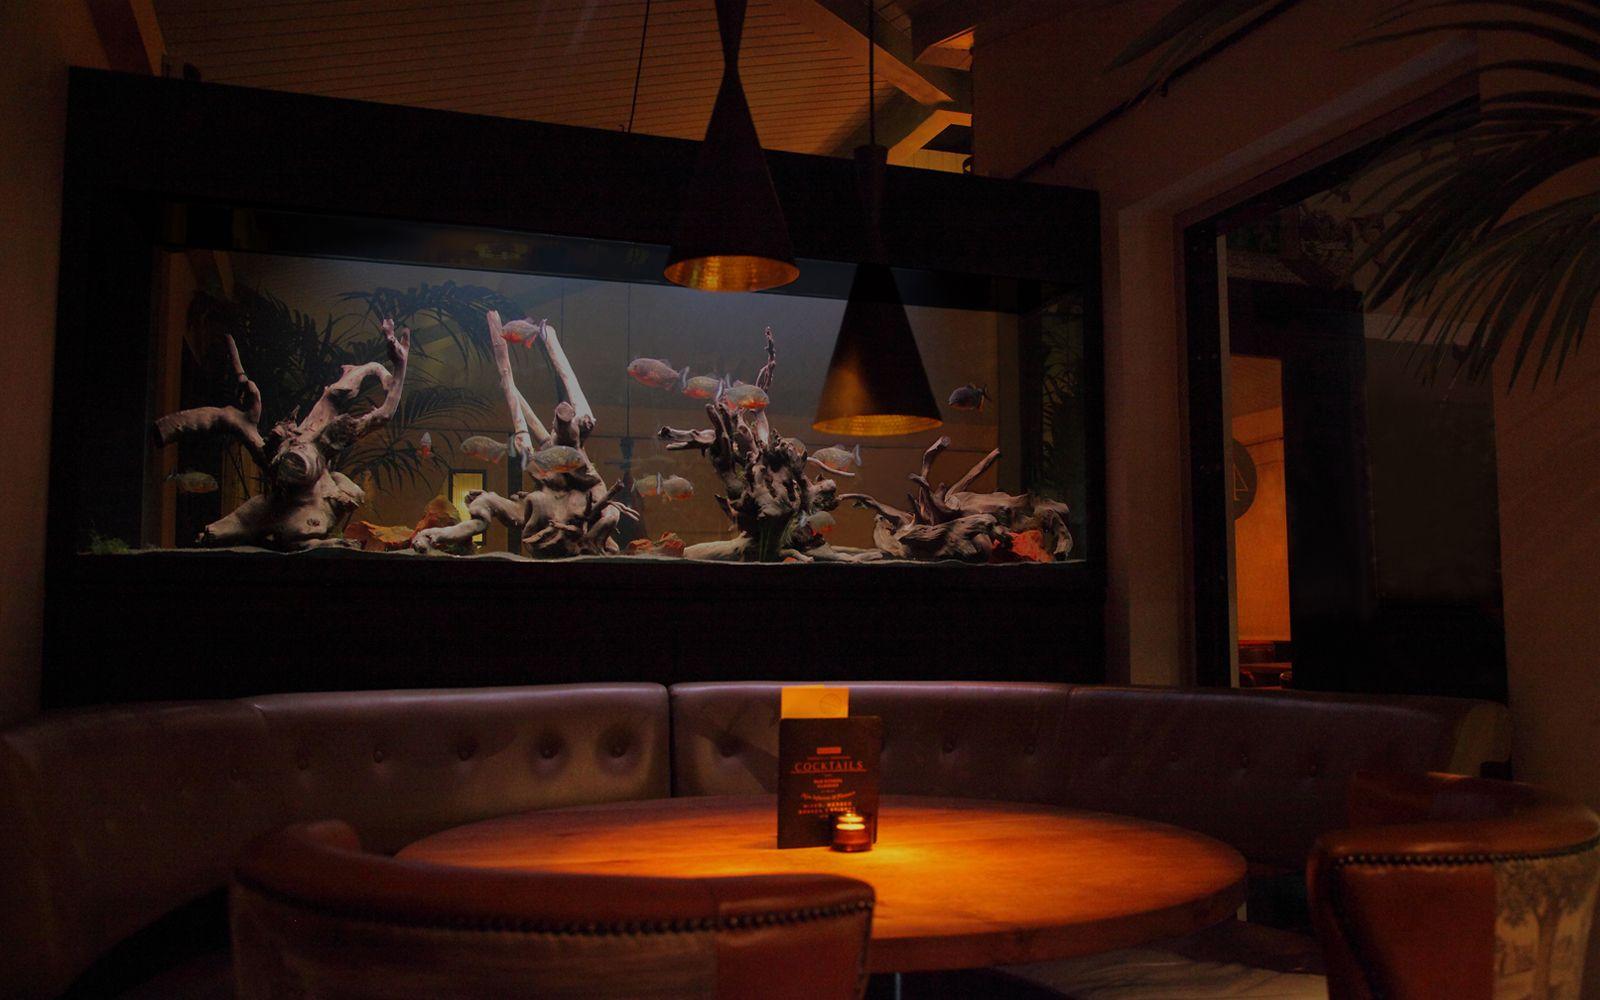 Fish tank in york - Freshwater Aquarium Installation In New York Hosting 17 Red Belly Piranhas Aquariumdesign Aquariumarchitecture